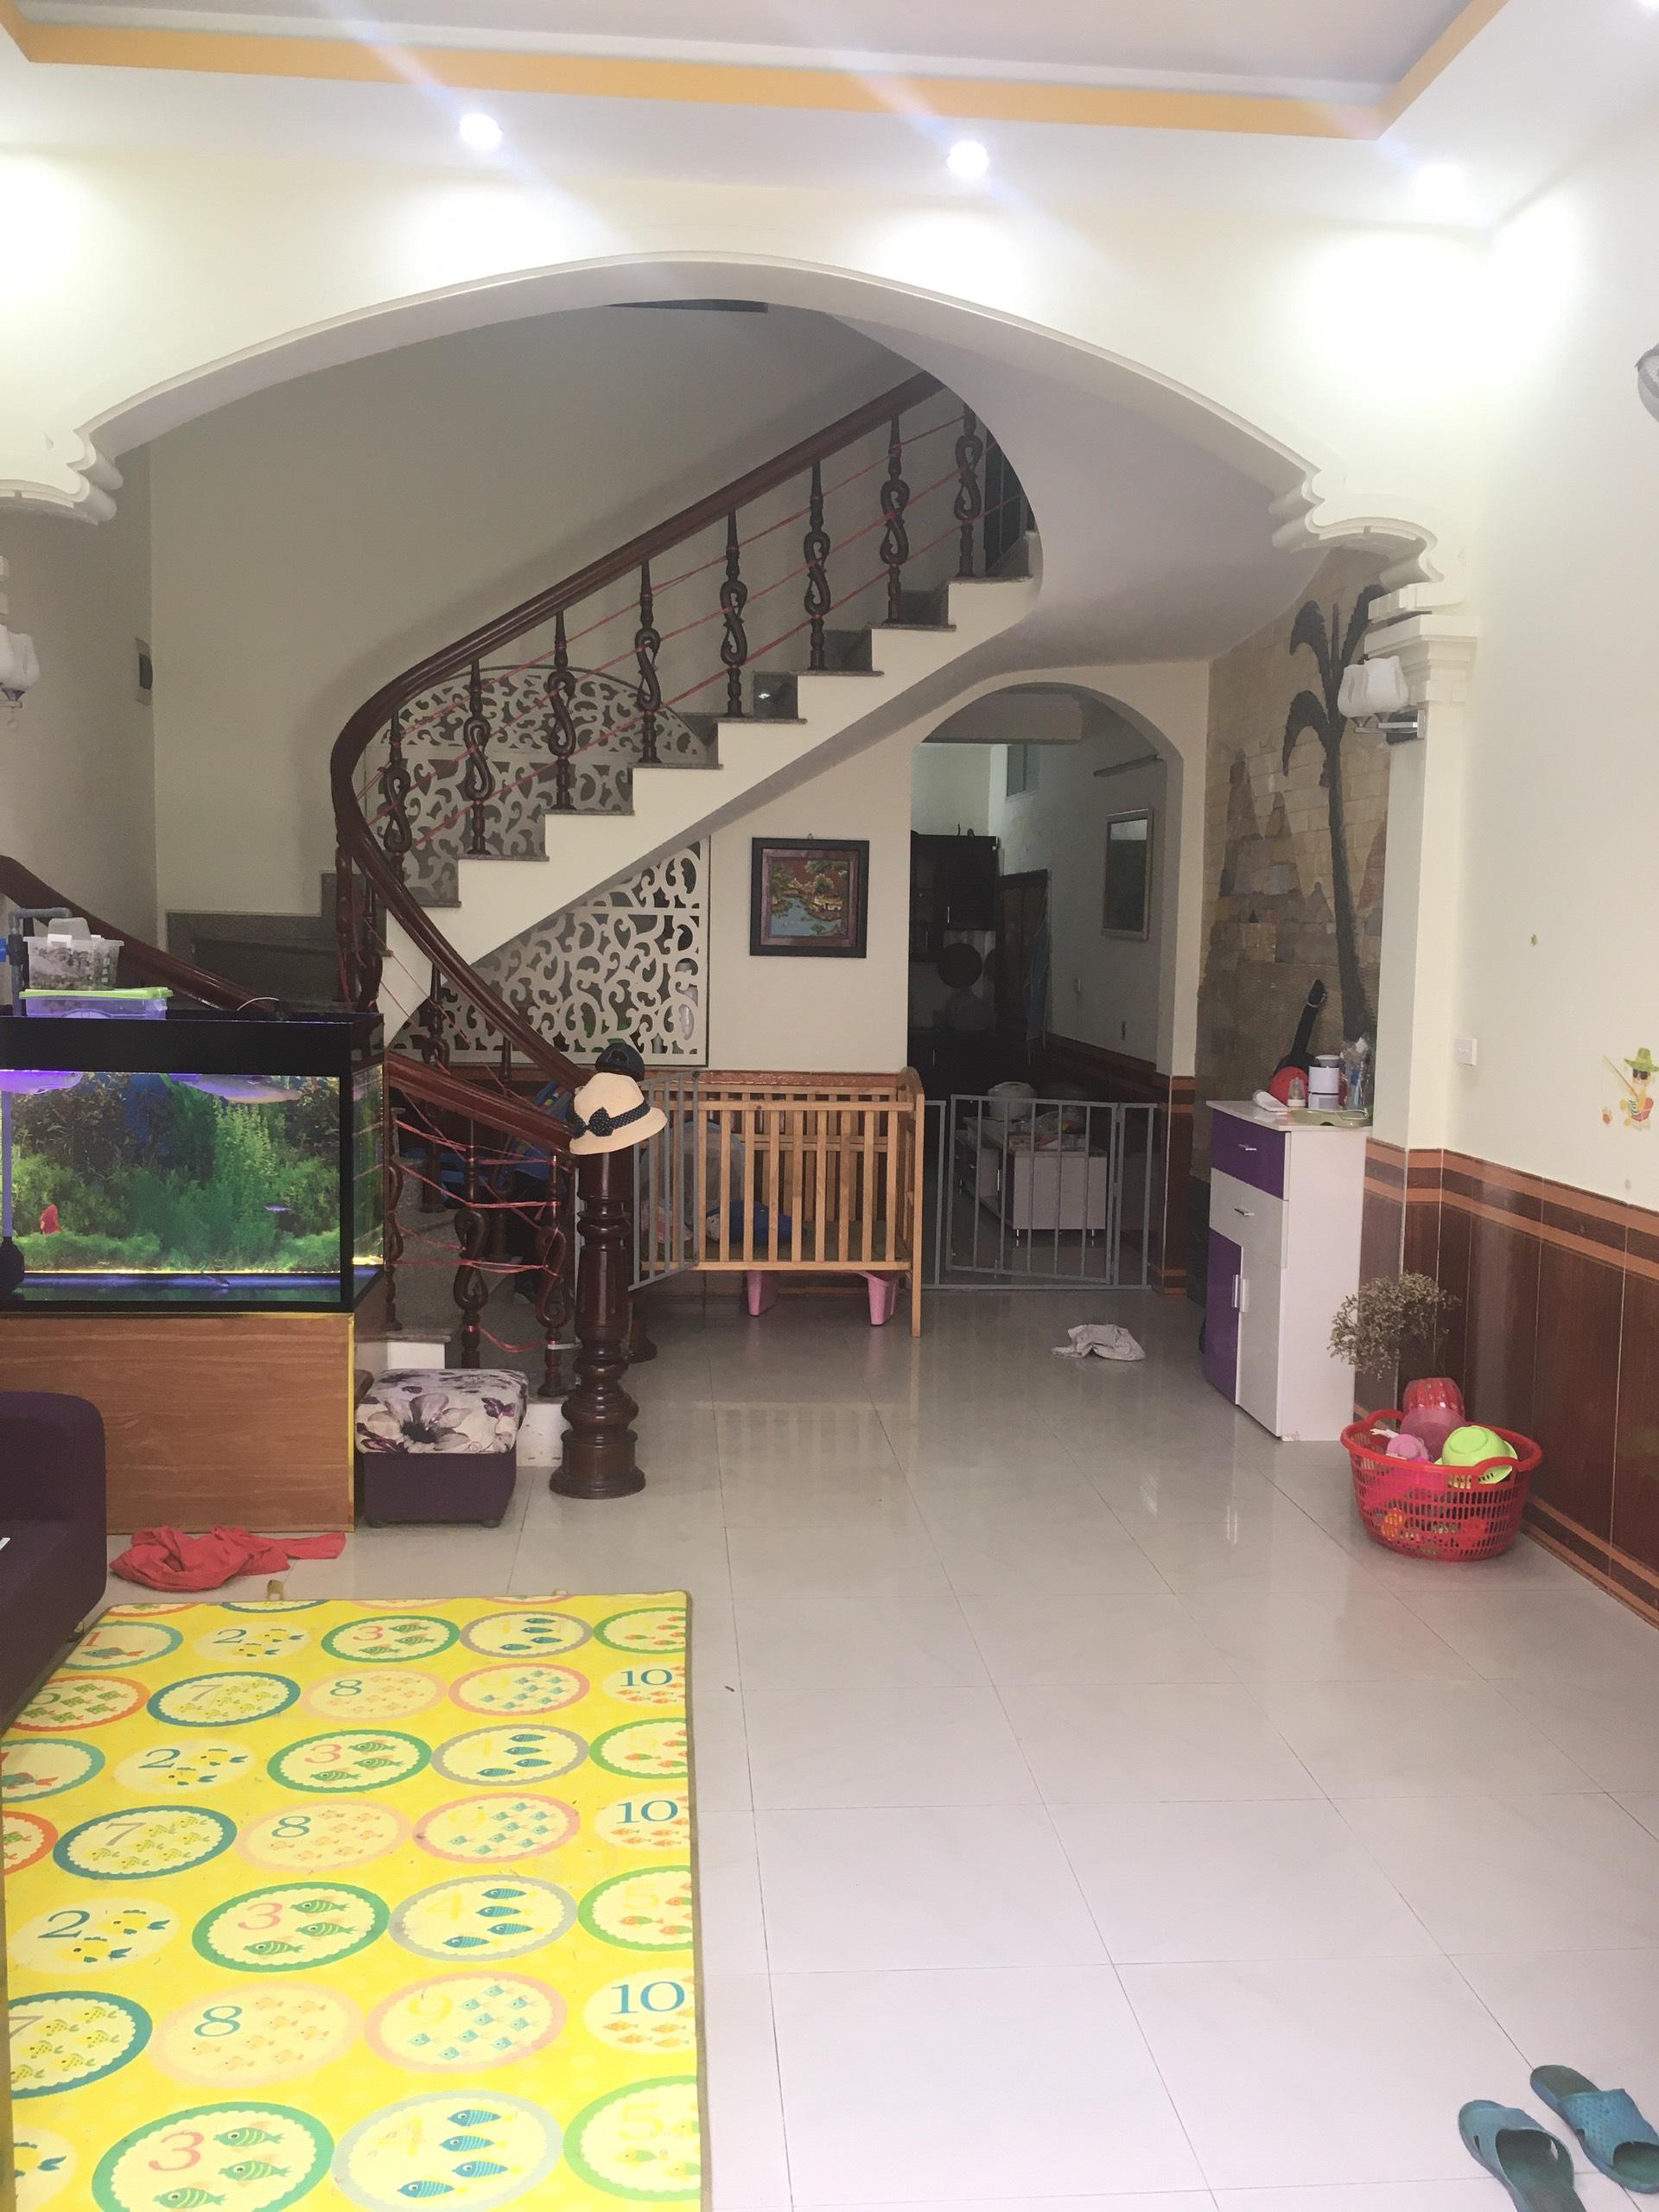 Cho thuê nhà 2.5 tầng mặt ngõ đường Hùng Duệ Vương, Thượng Lý, Hồng Bàng, Hải Phòng